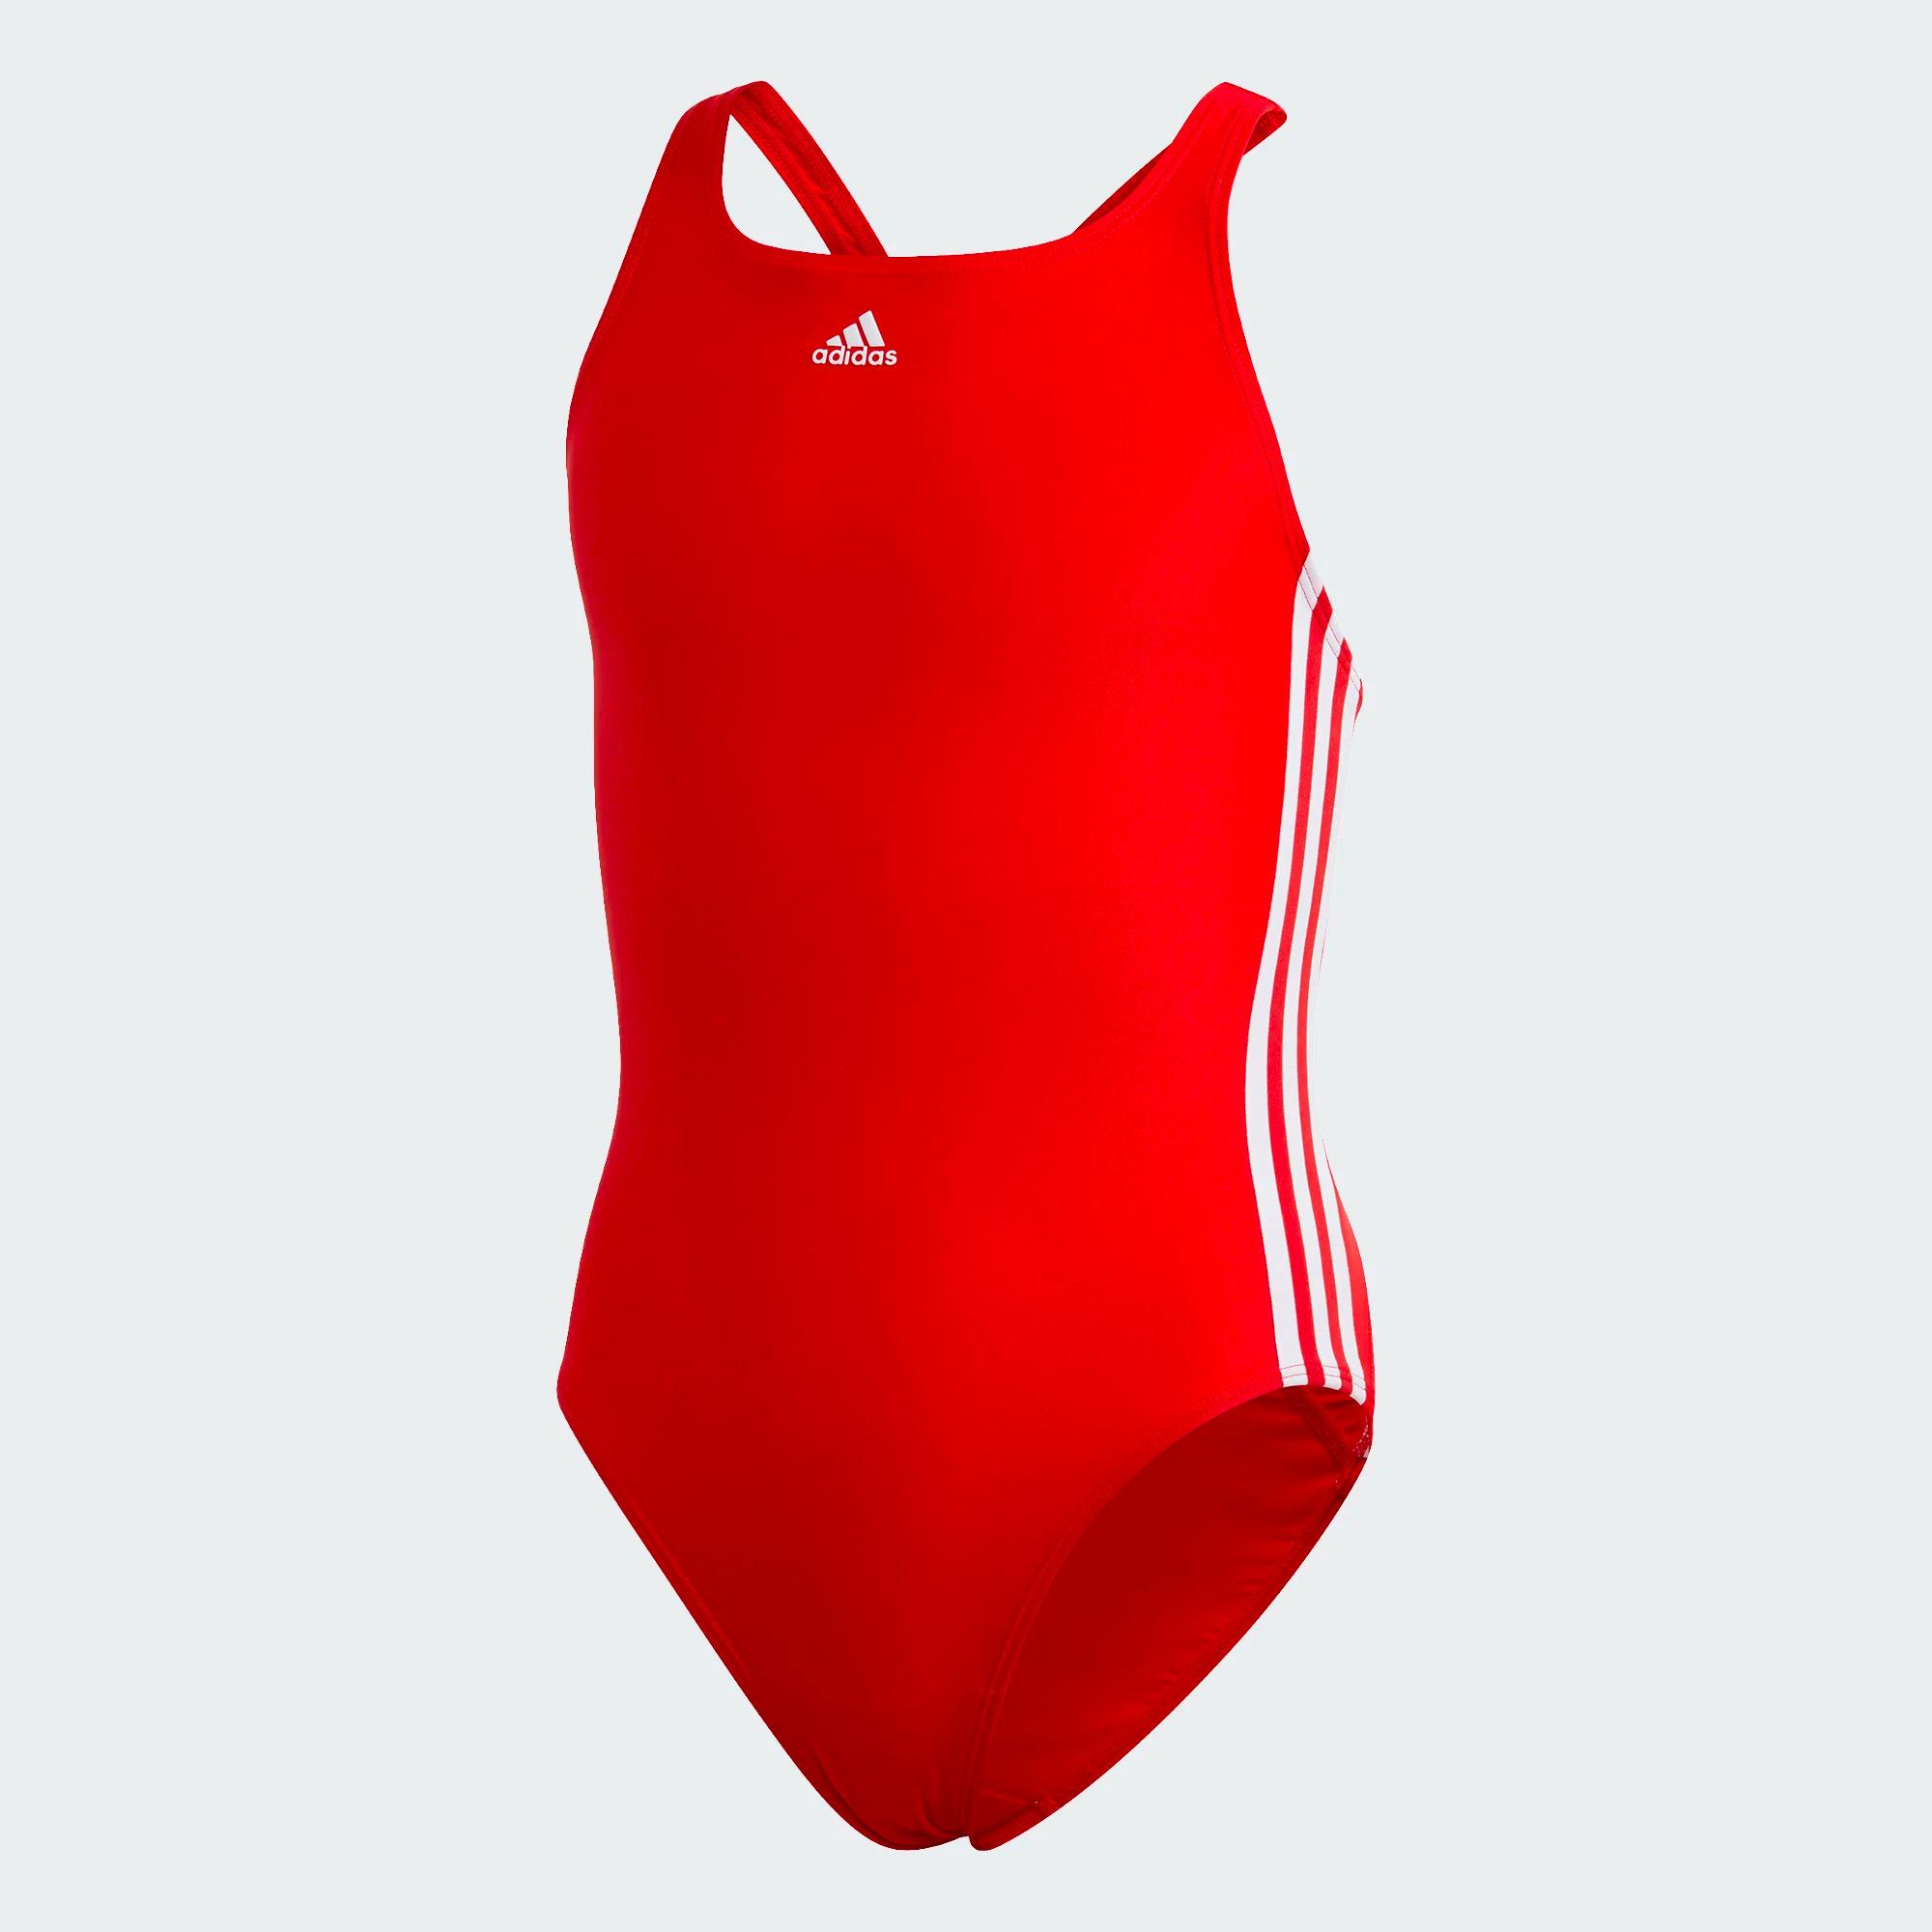 Adidas Athly V 3-Streifen Badeanzug für Mädchen - Rot